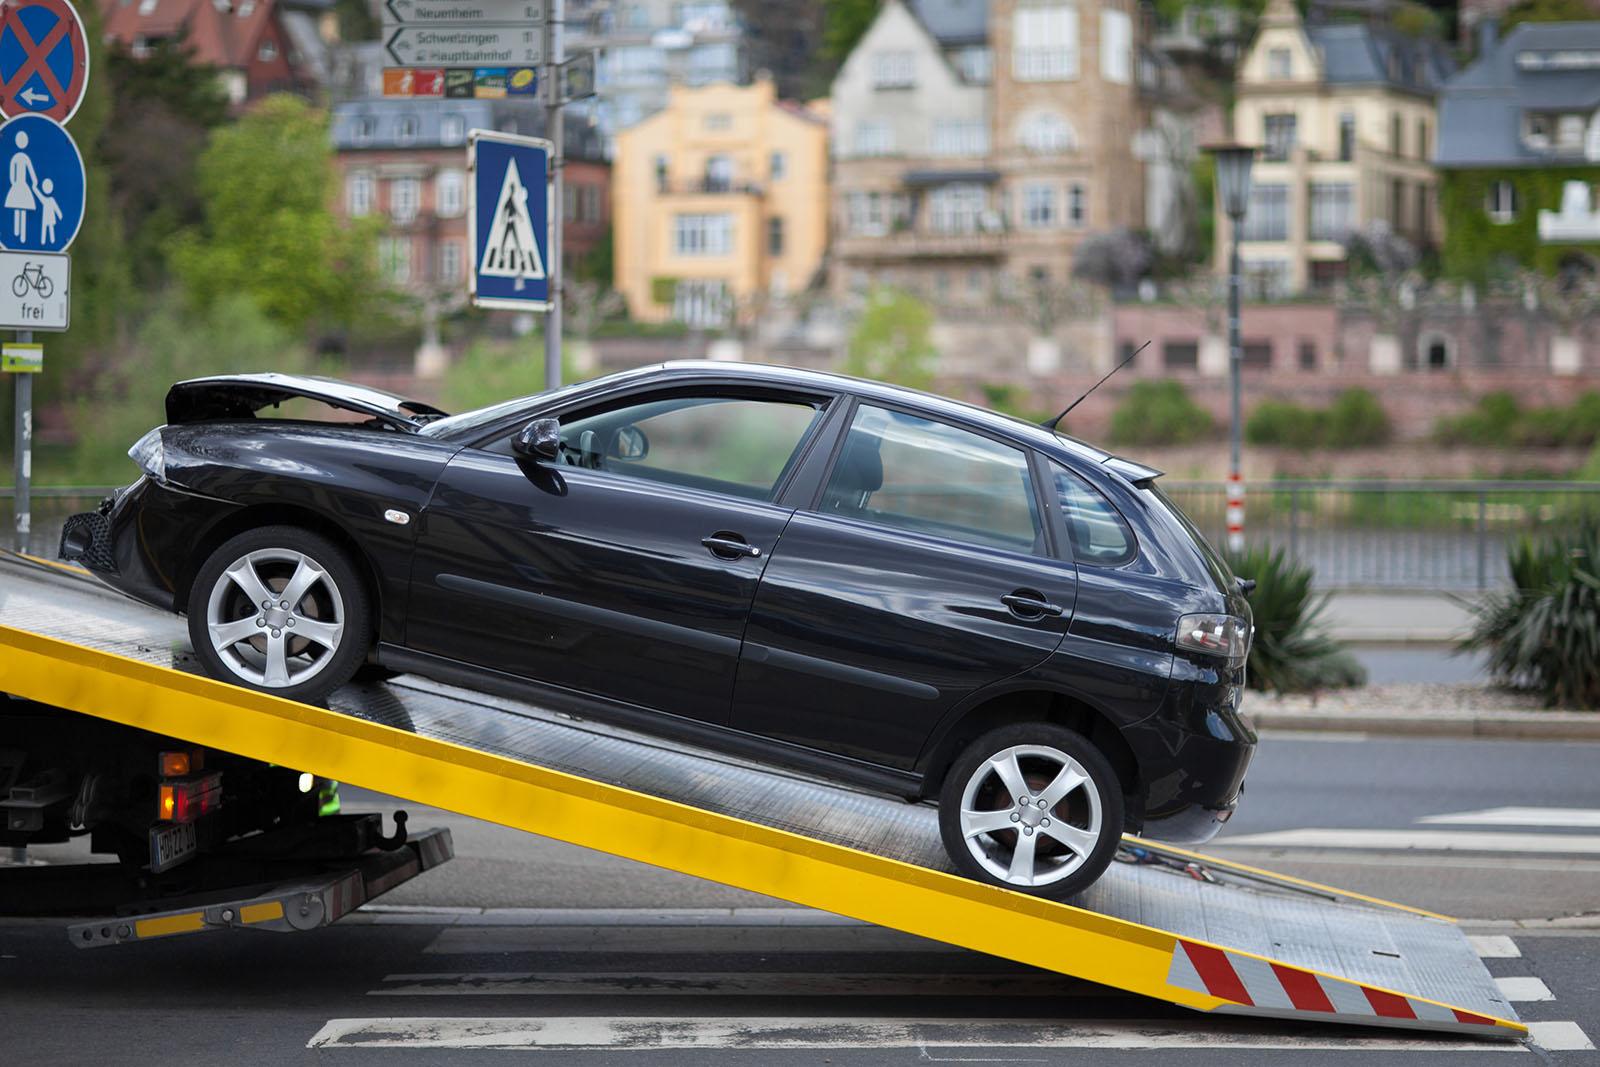 Vi hämtar upp din bil till vår bilskrot i Norrköping. Vi erbjuder alltid upphämtning till vår bilskrot.